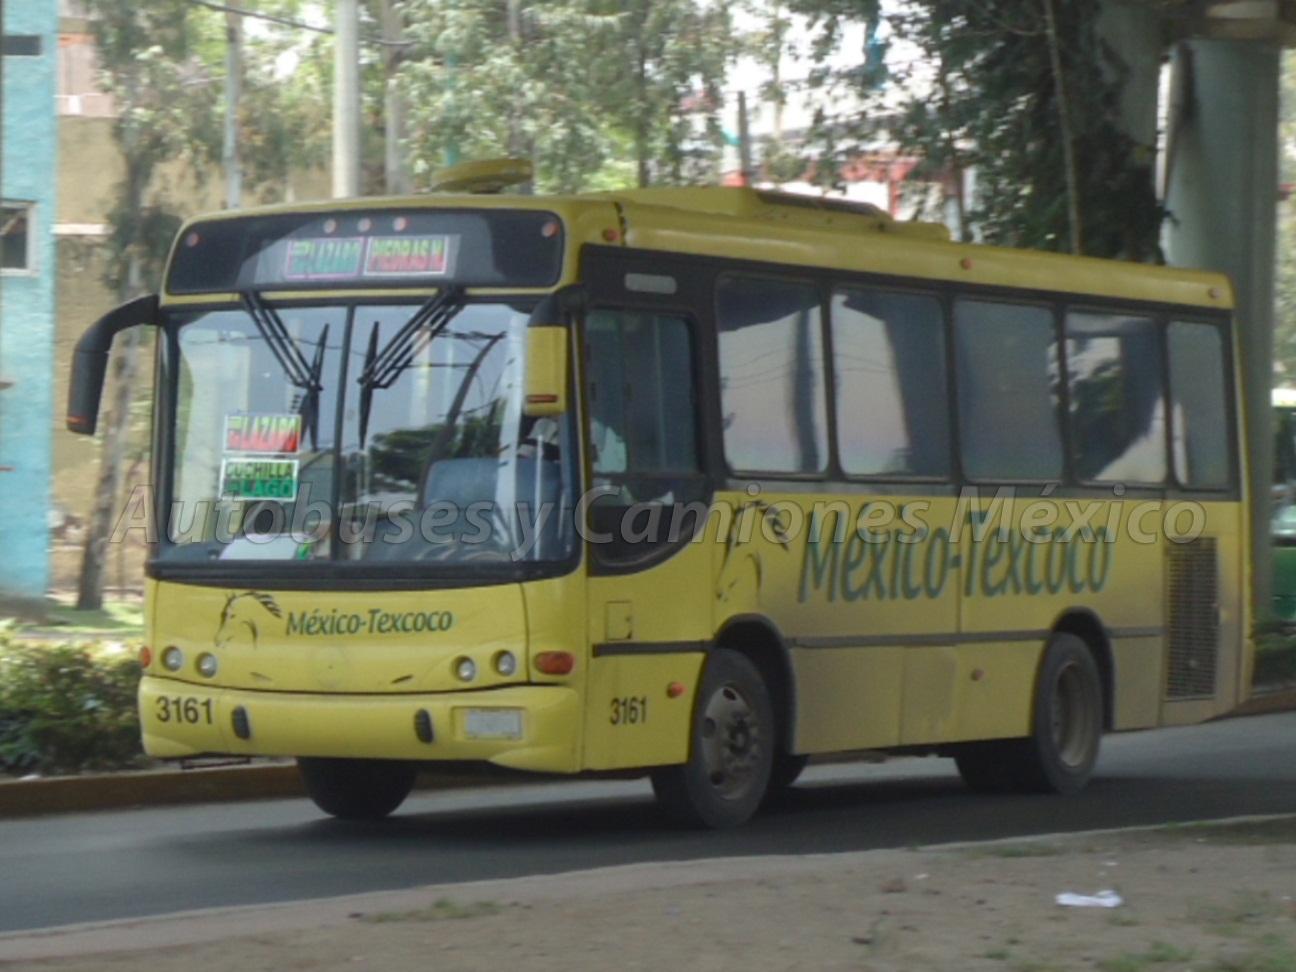 Marco Polo Torino : Aycamx autobuses y camiones méxico estado de